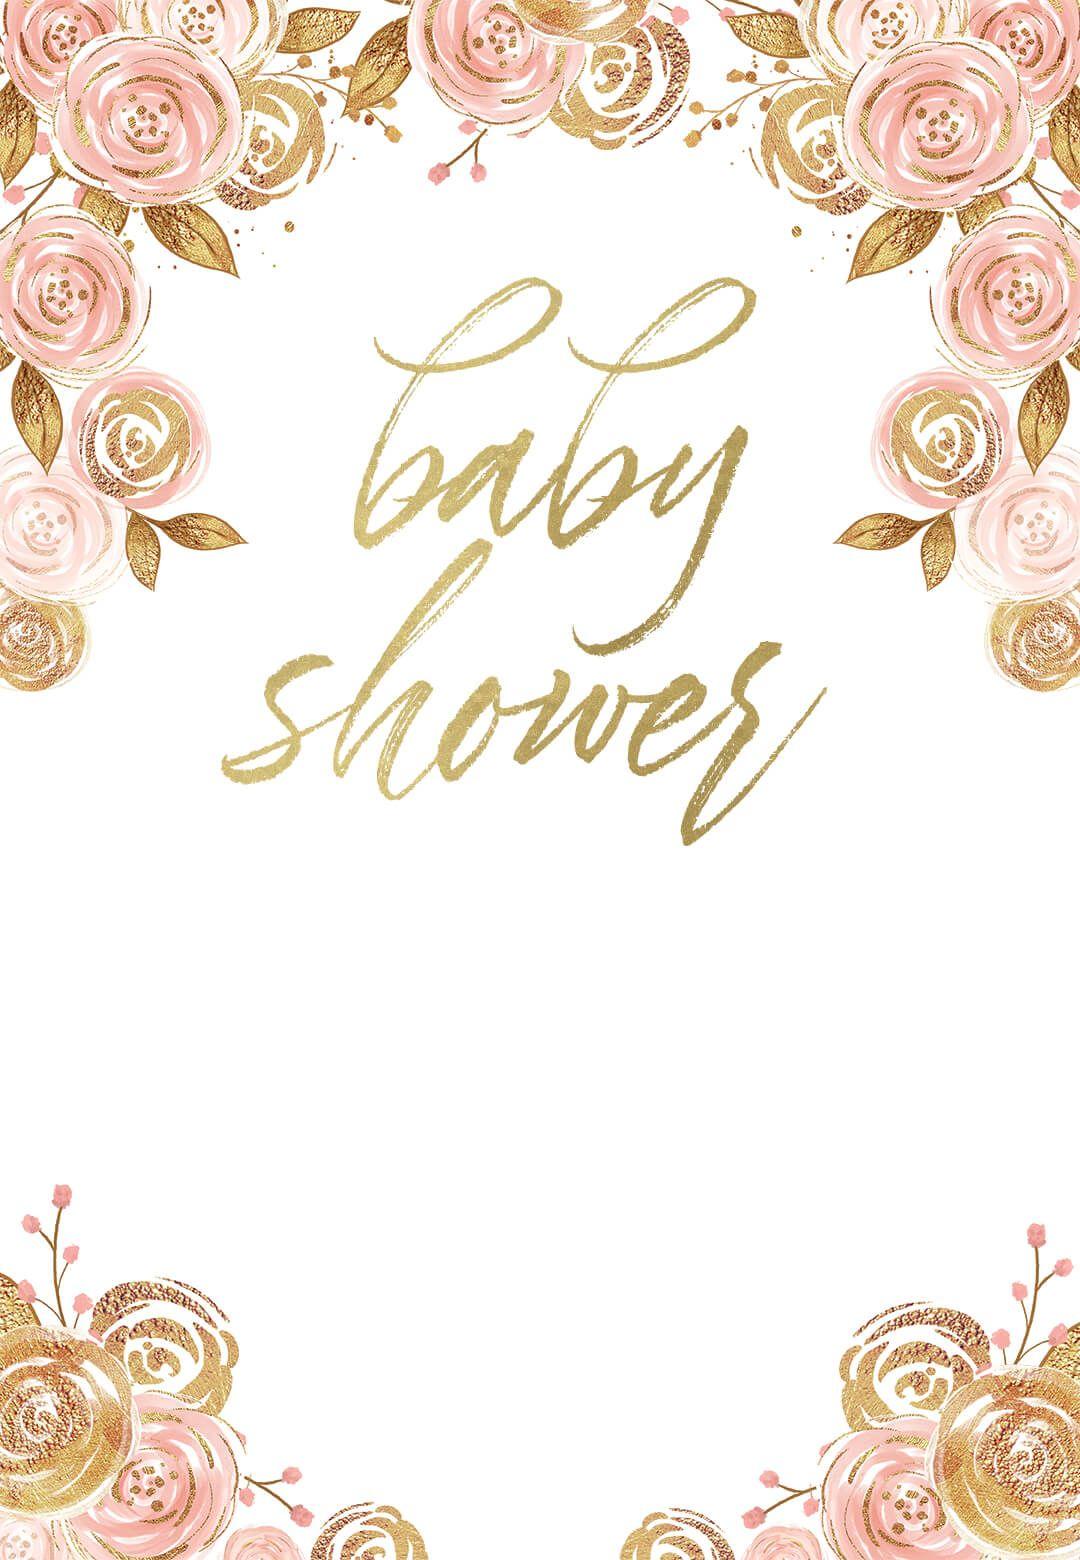 Pink And Gold Floral Invitacion Para Baby Shower Greetings Island Baby Shower Greetings Floral Baby Shower Invitations Virtual Baby Shower Invitation